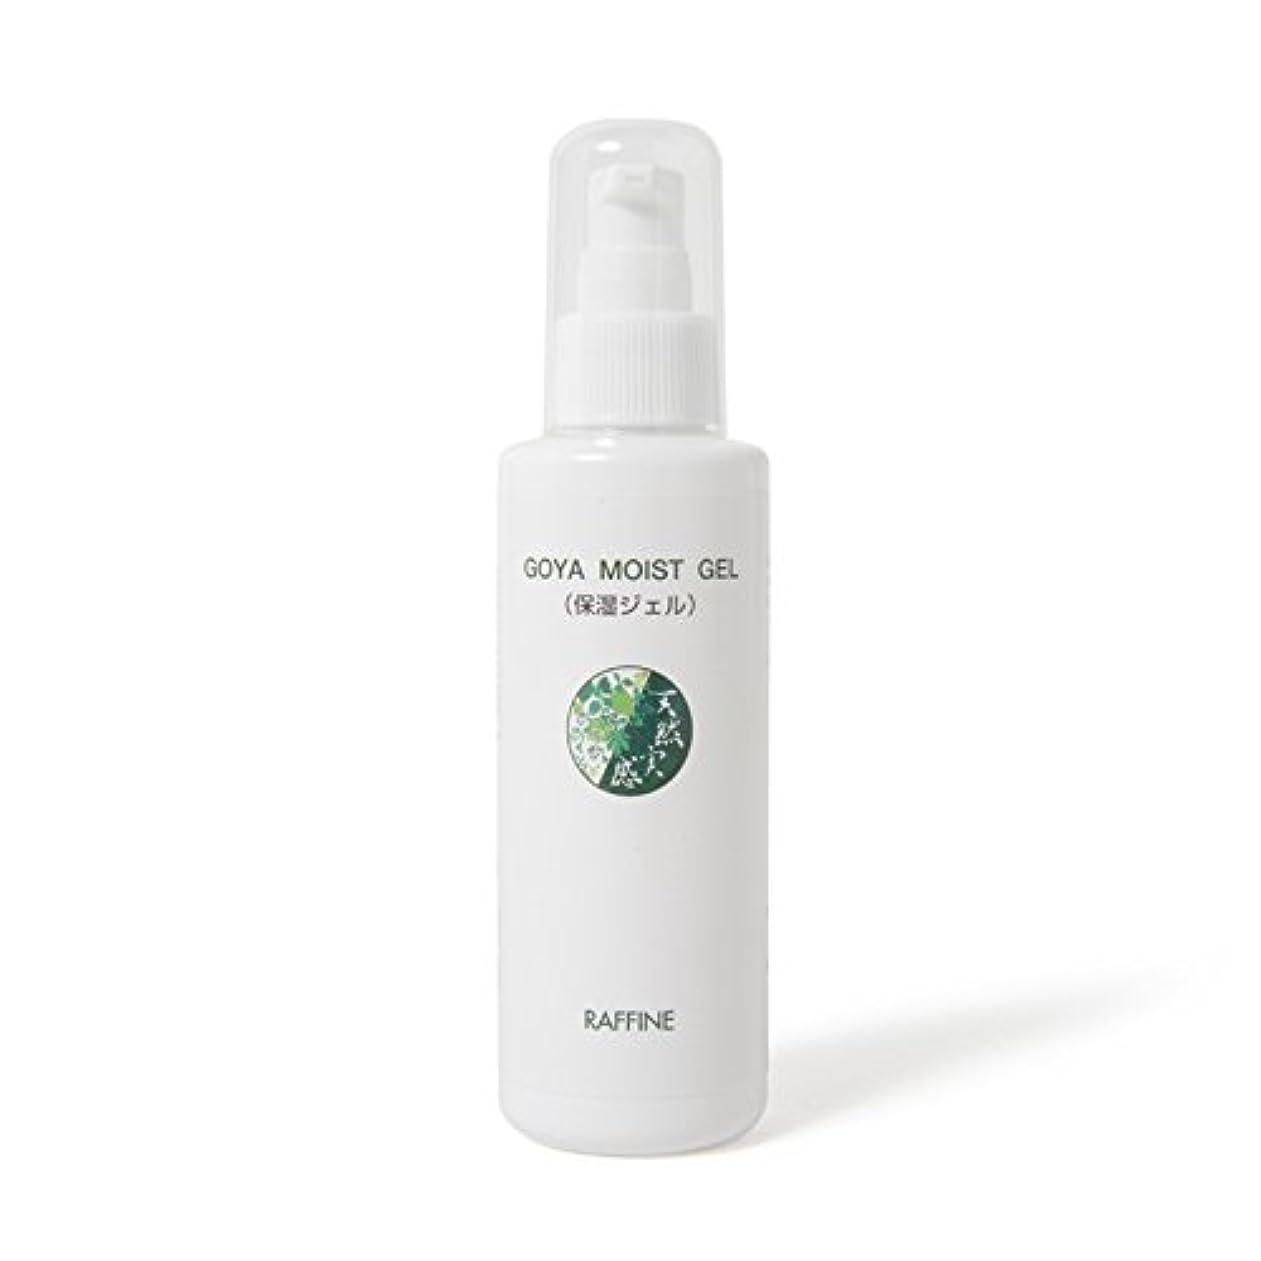 コックブラジャー救出ゴーヤ水他14の植物成分だけの低刺激無添加の保湿ジェル「ゴーヤモイストジェル」150ml【敏感肌?乾燥肌スキンケア】